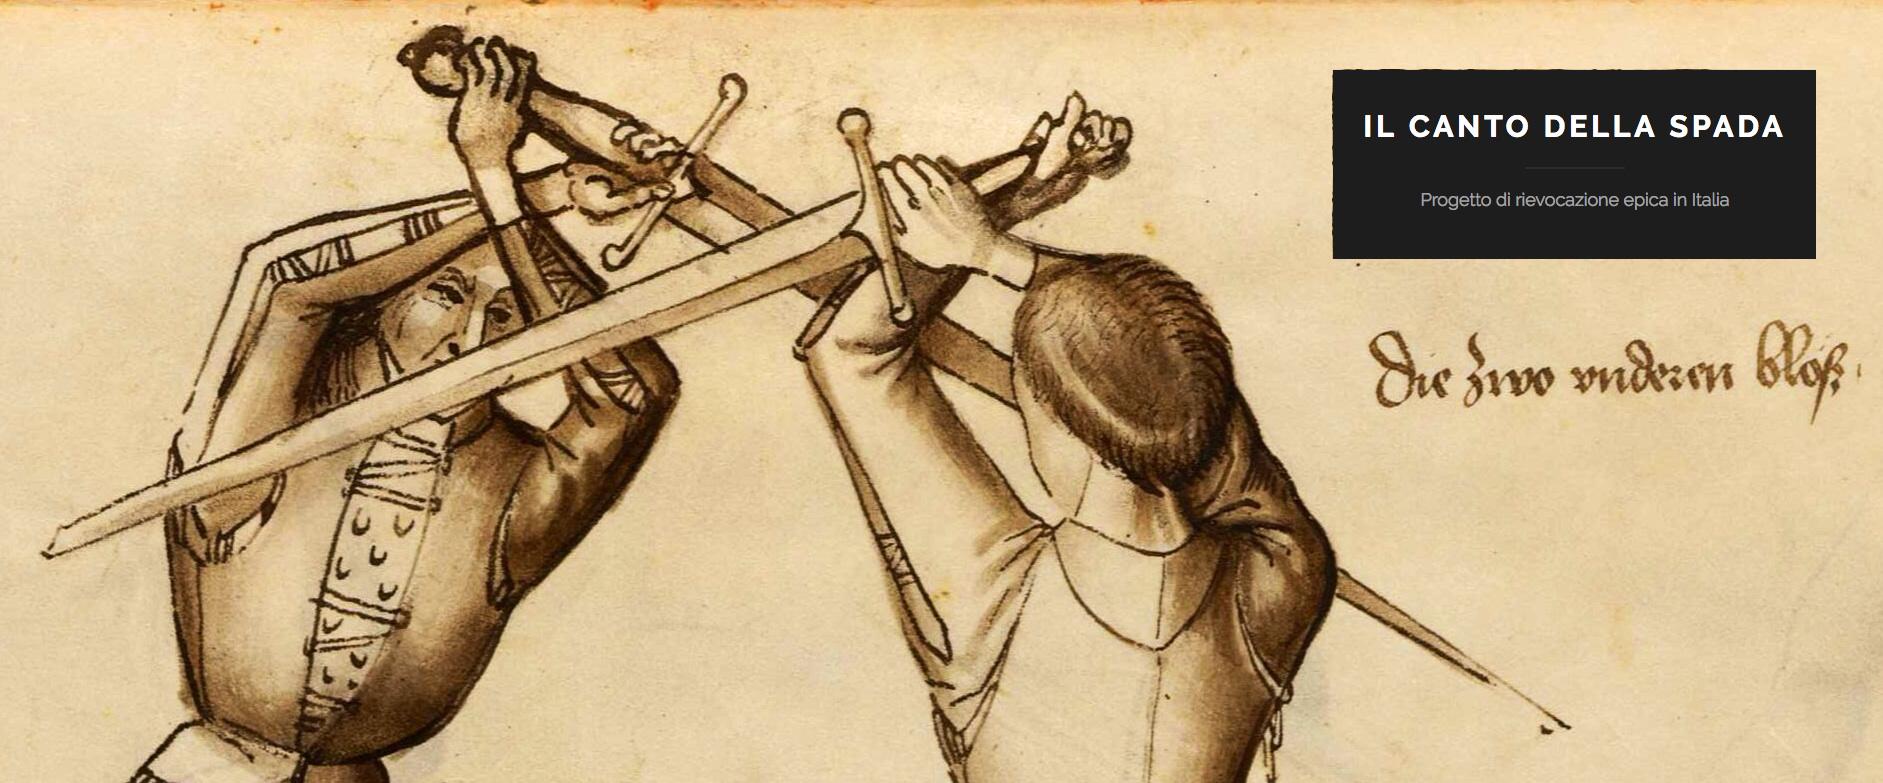 """Alla scoperta di Fabrizio Corselli e """"il canto della spada"""""""